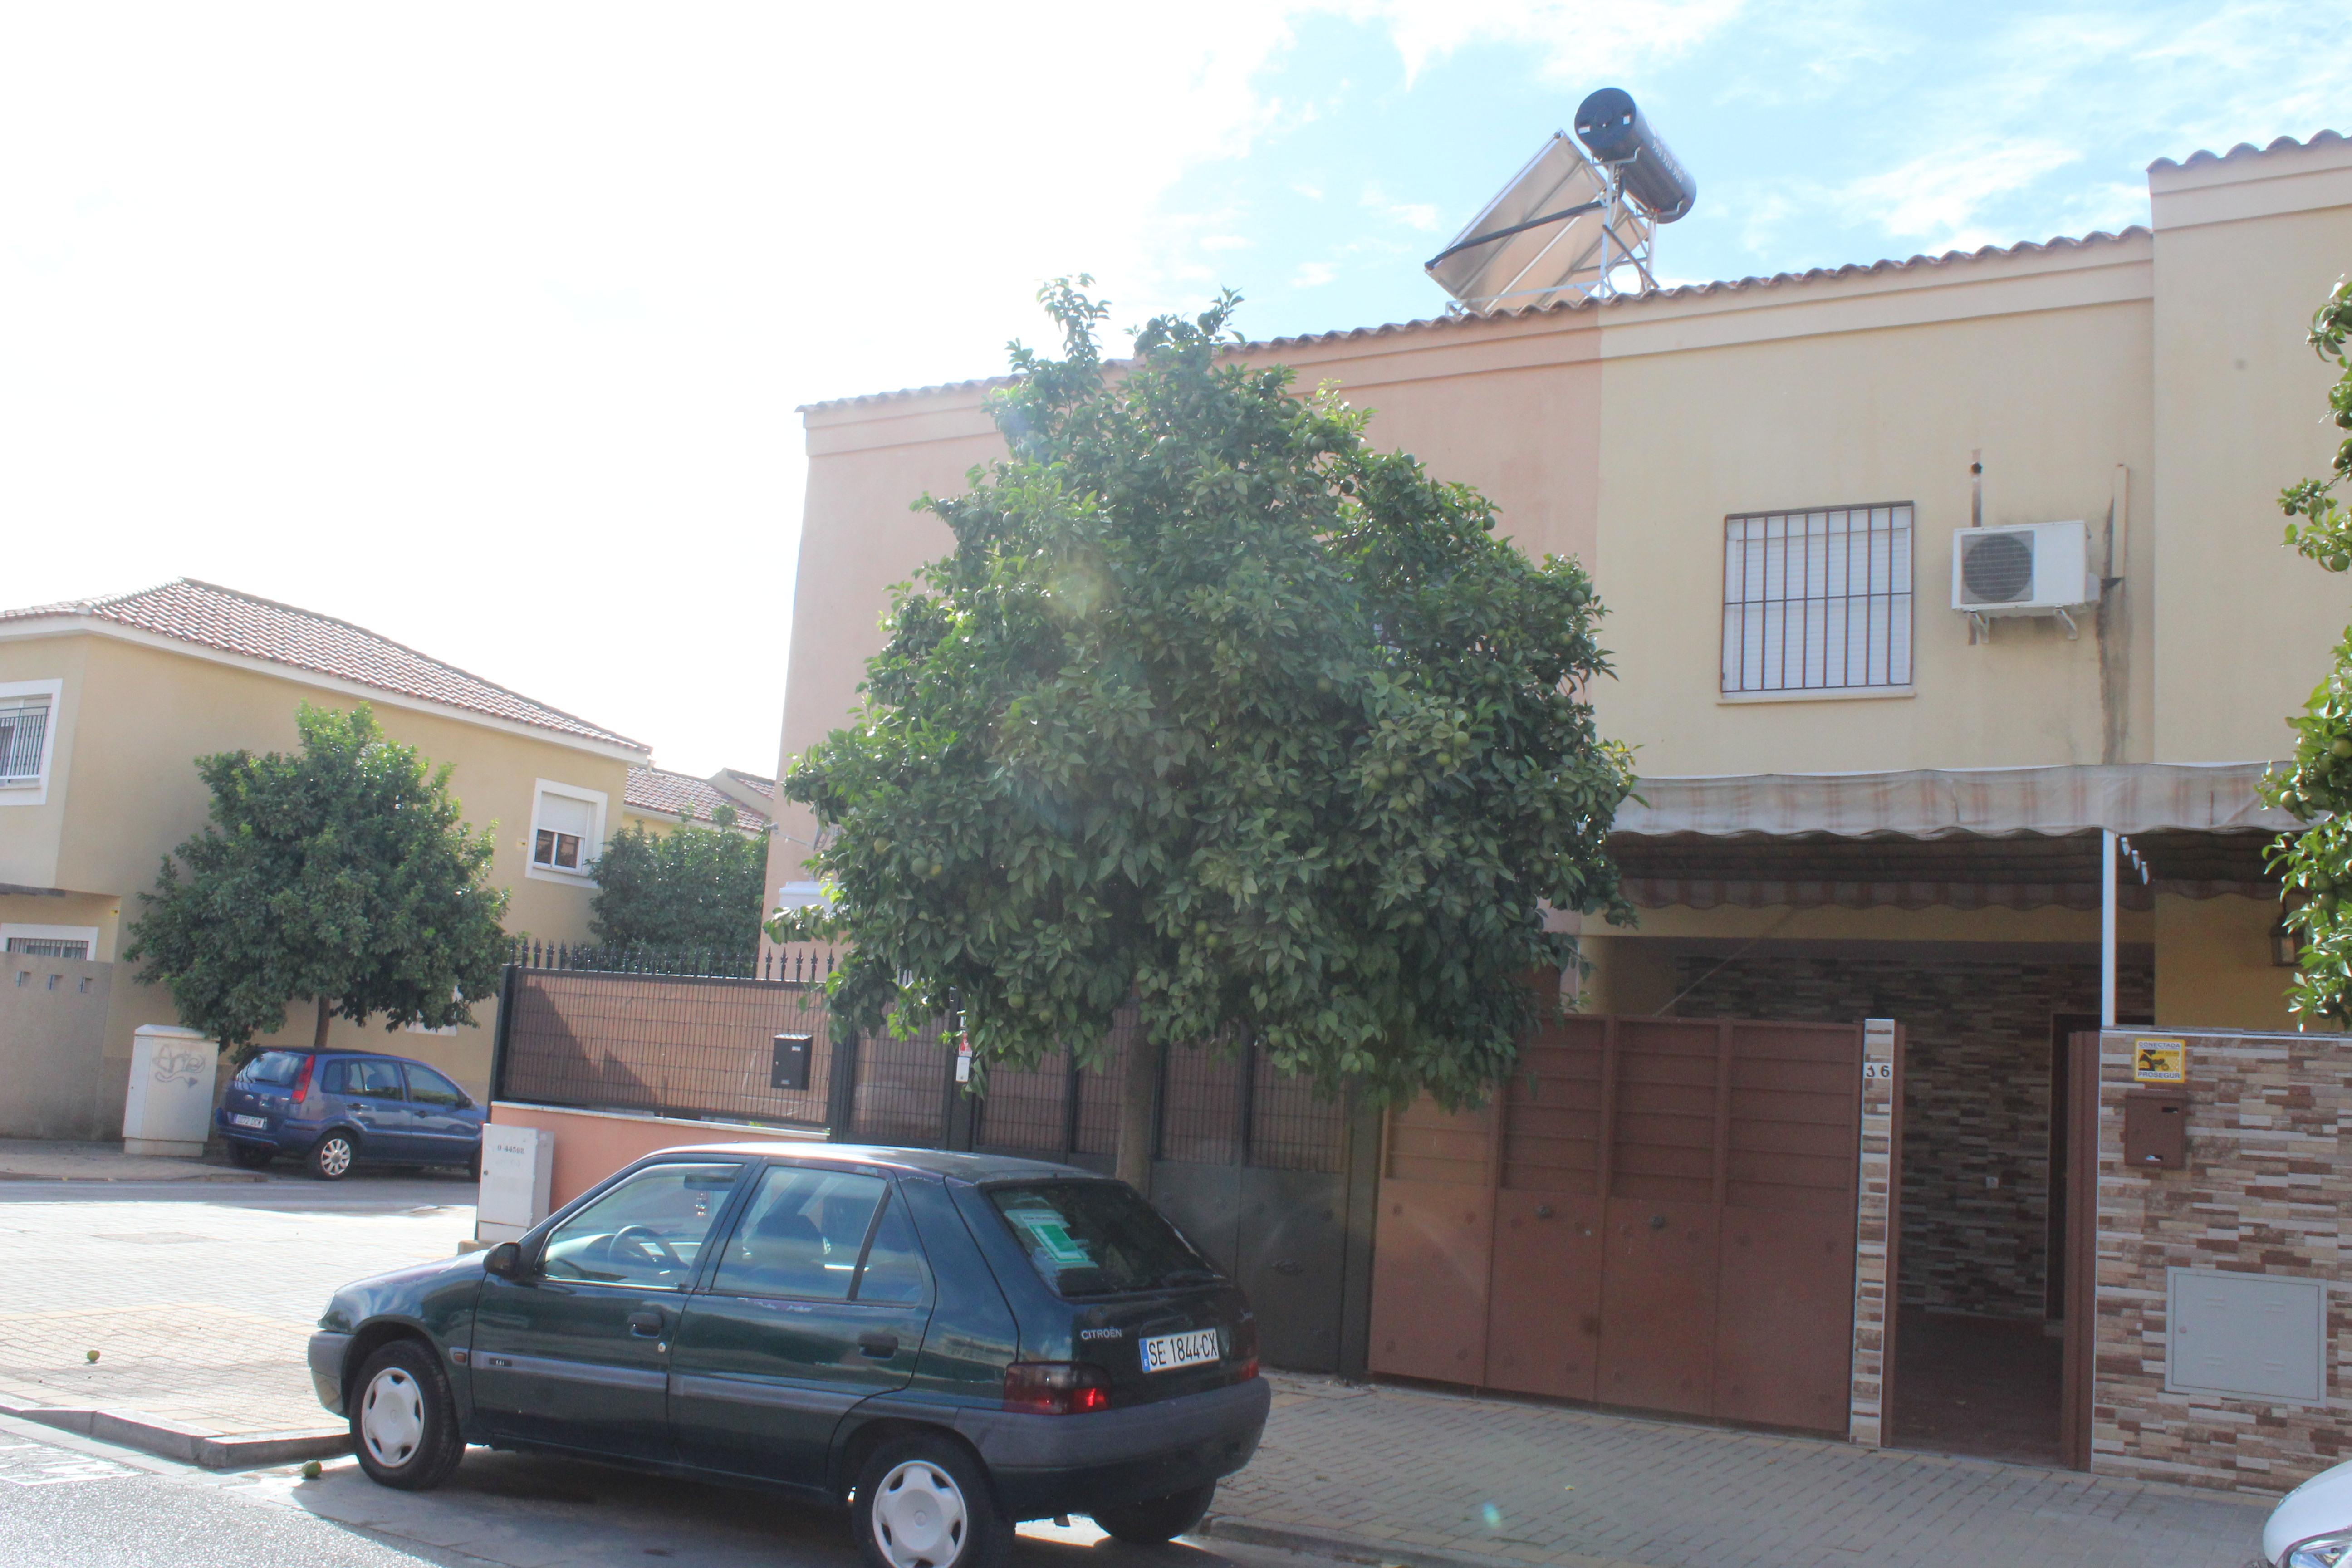 Casa en venta en Distrito Cerro-amate, Sevilla, Sevilla, Calle Cies, 182.680 €, 3 habitaciones, 3 baños, 110 m2